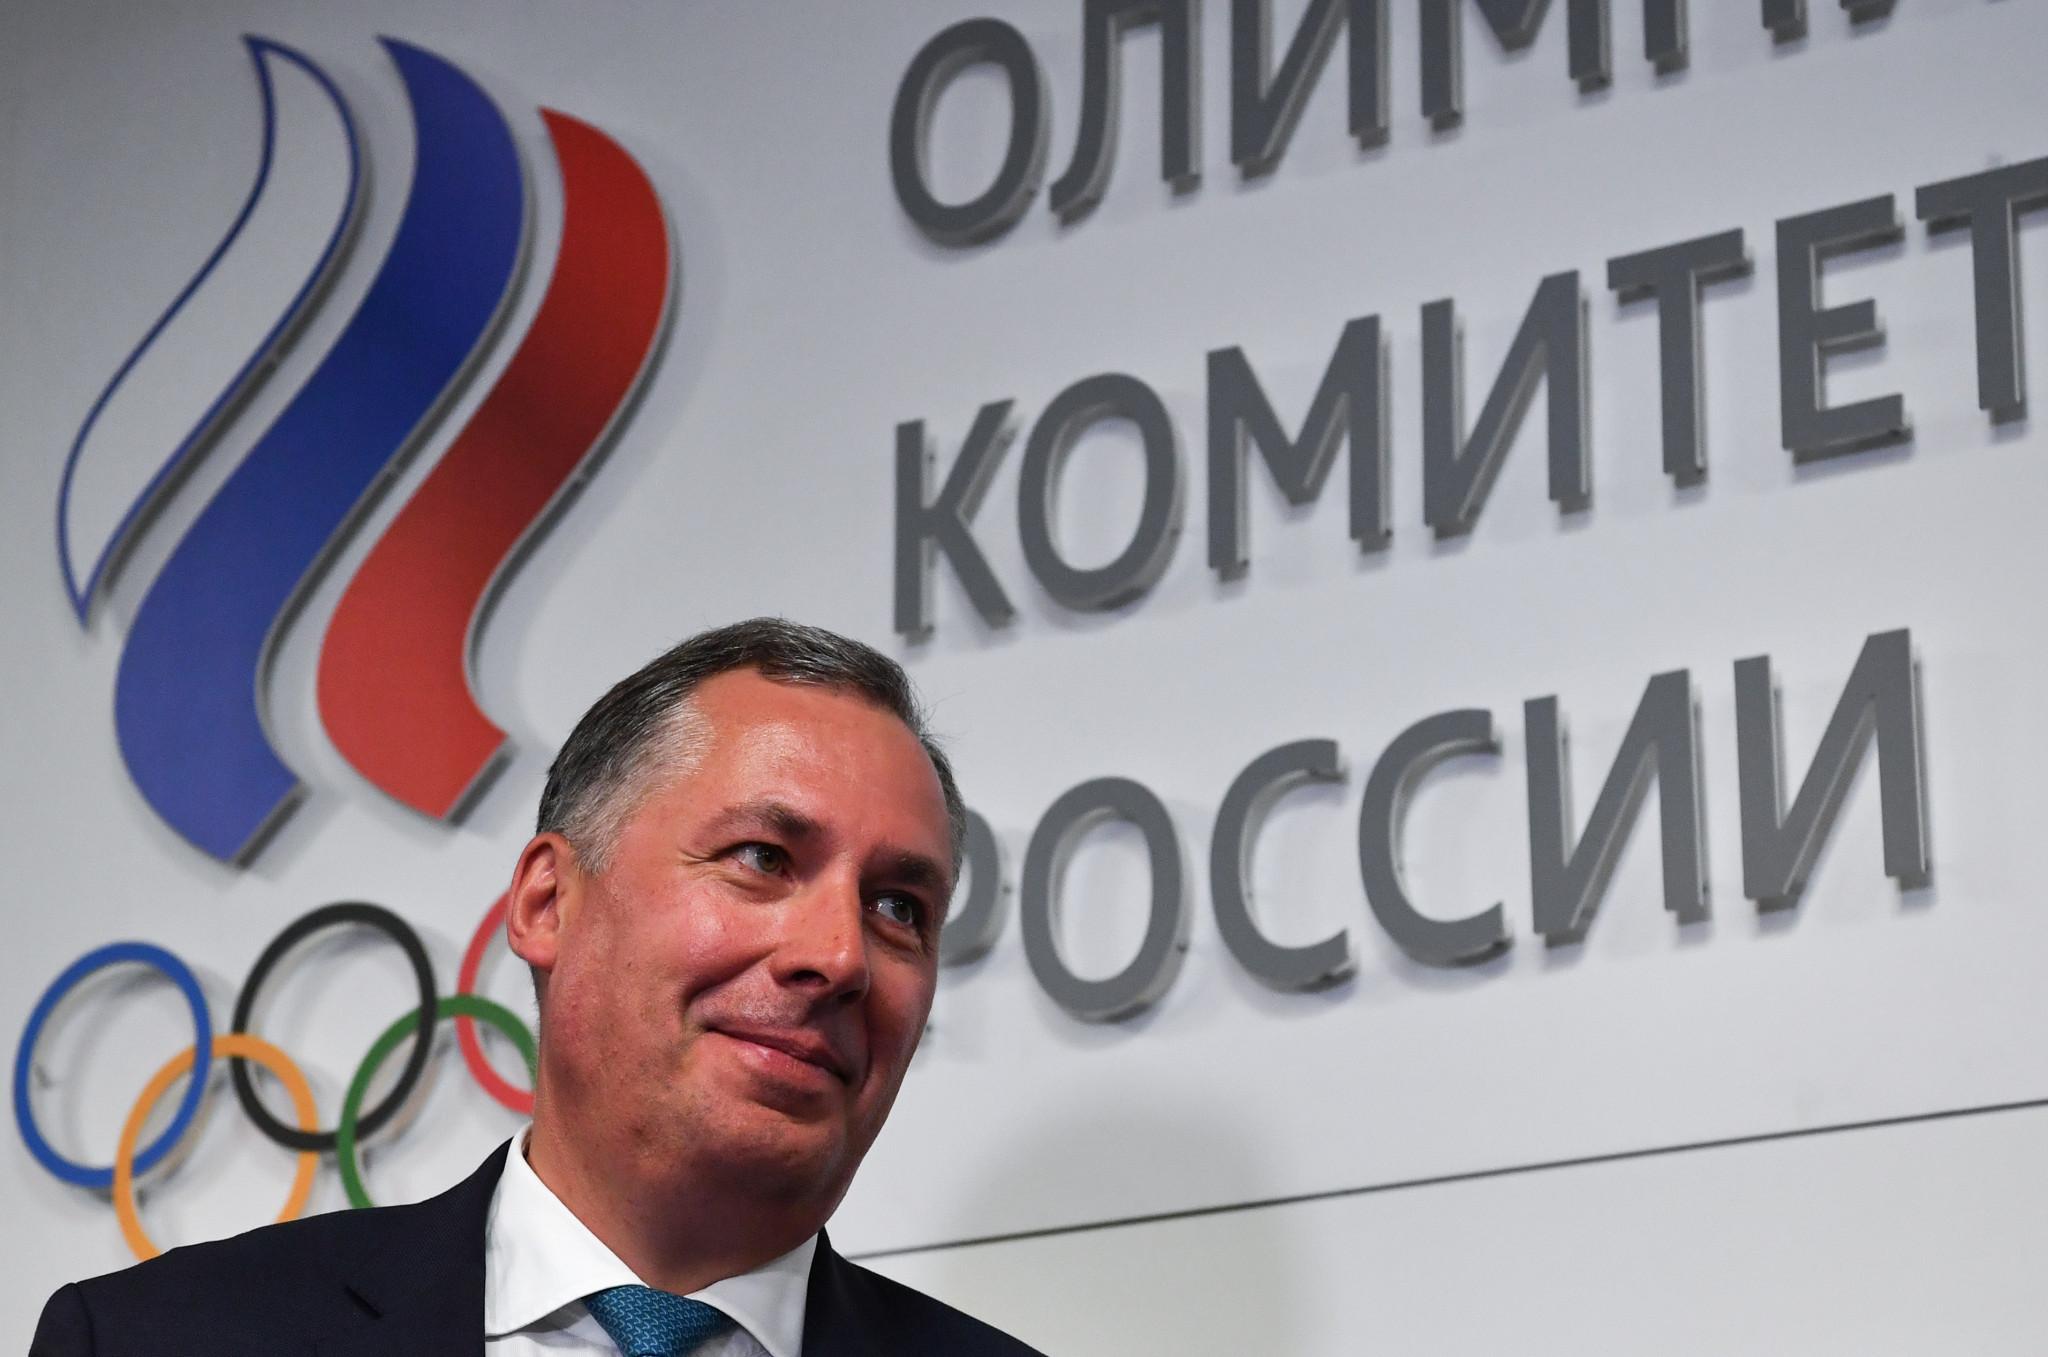 Stanislav Pozdnyakov has announced plans for Beijing 2022 ©Getty Images